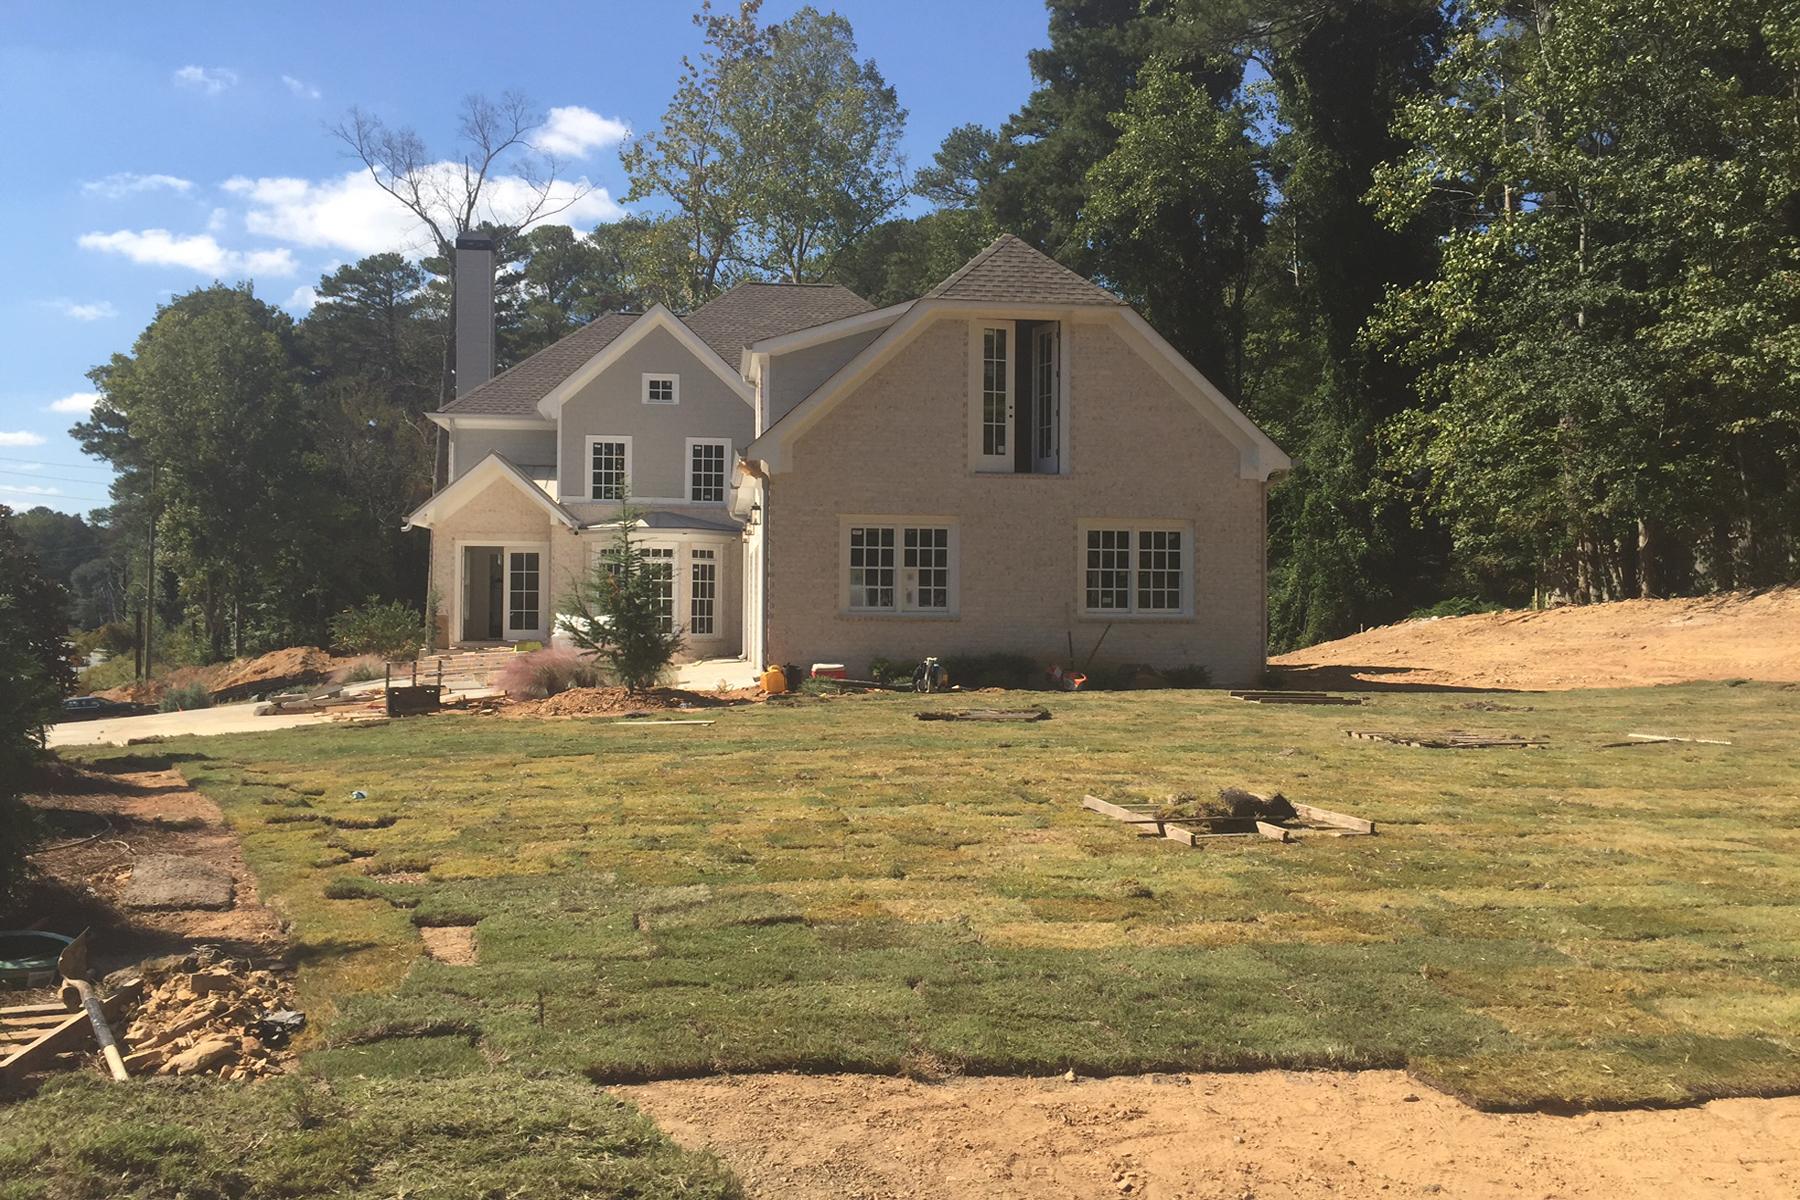 Maison unifamiliale pour l Vente à Amazing New Construction In East Cobb 3799 Lower Roswell Road Marietta, Georgia, 30068 États-Unis